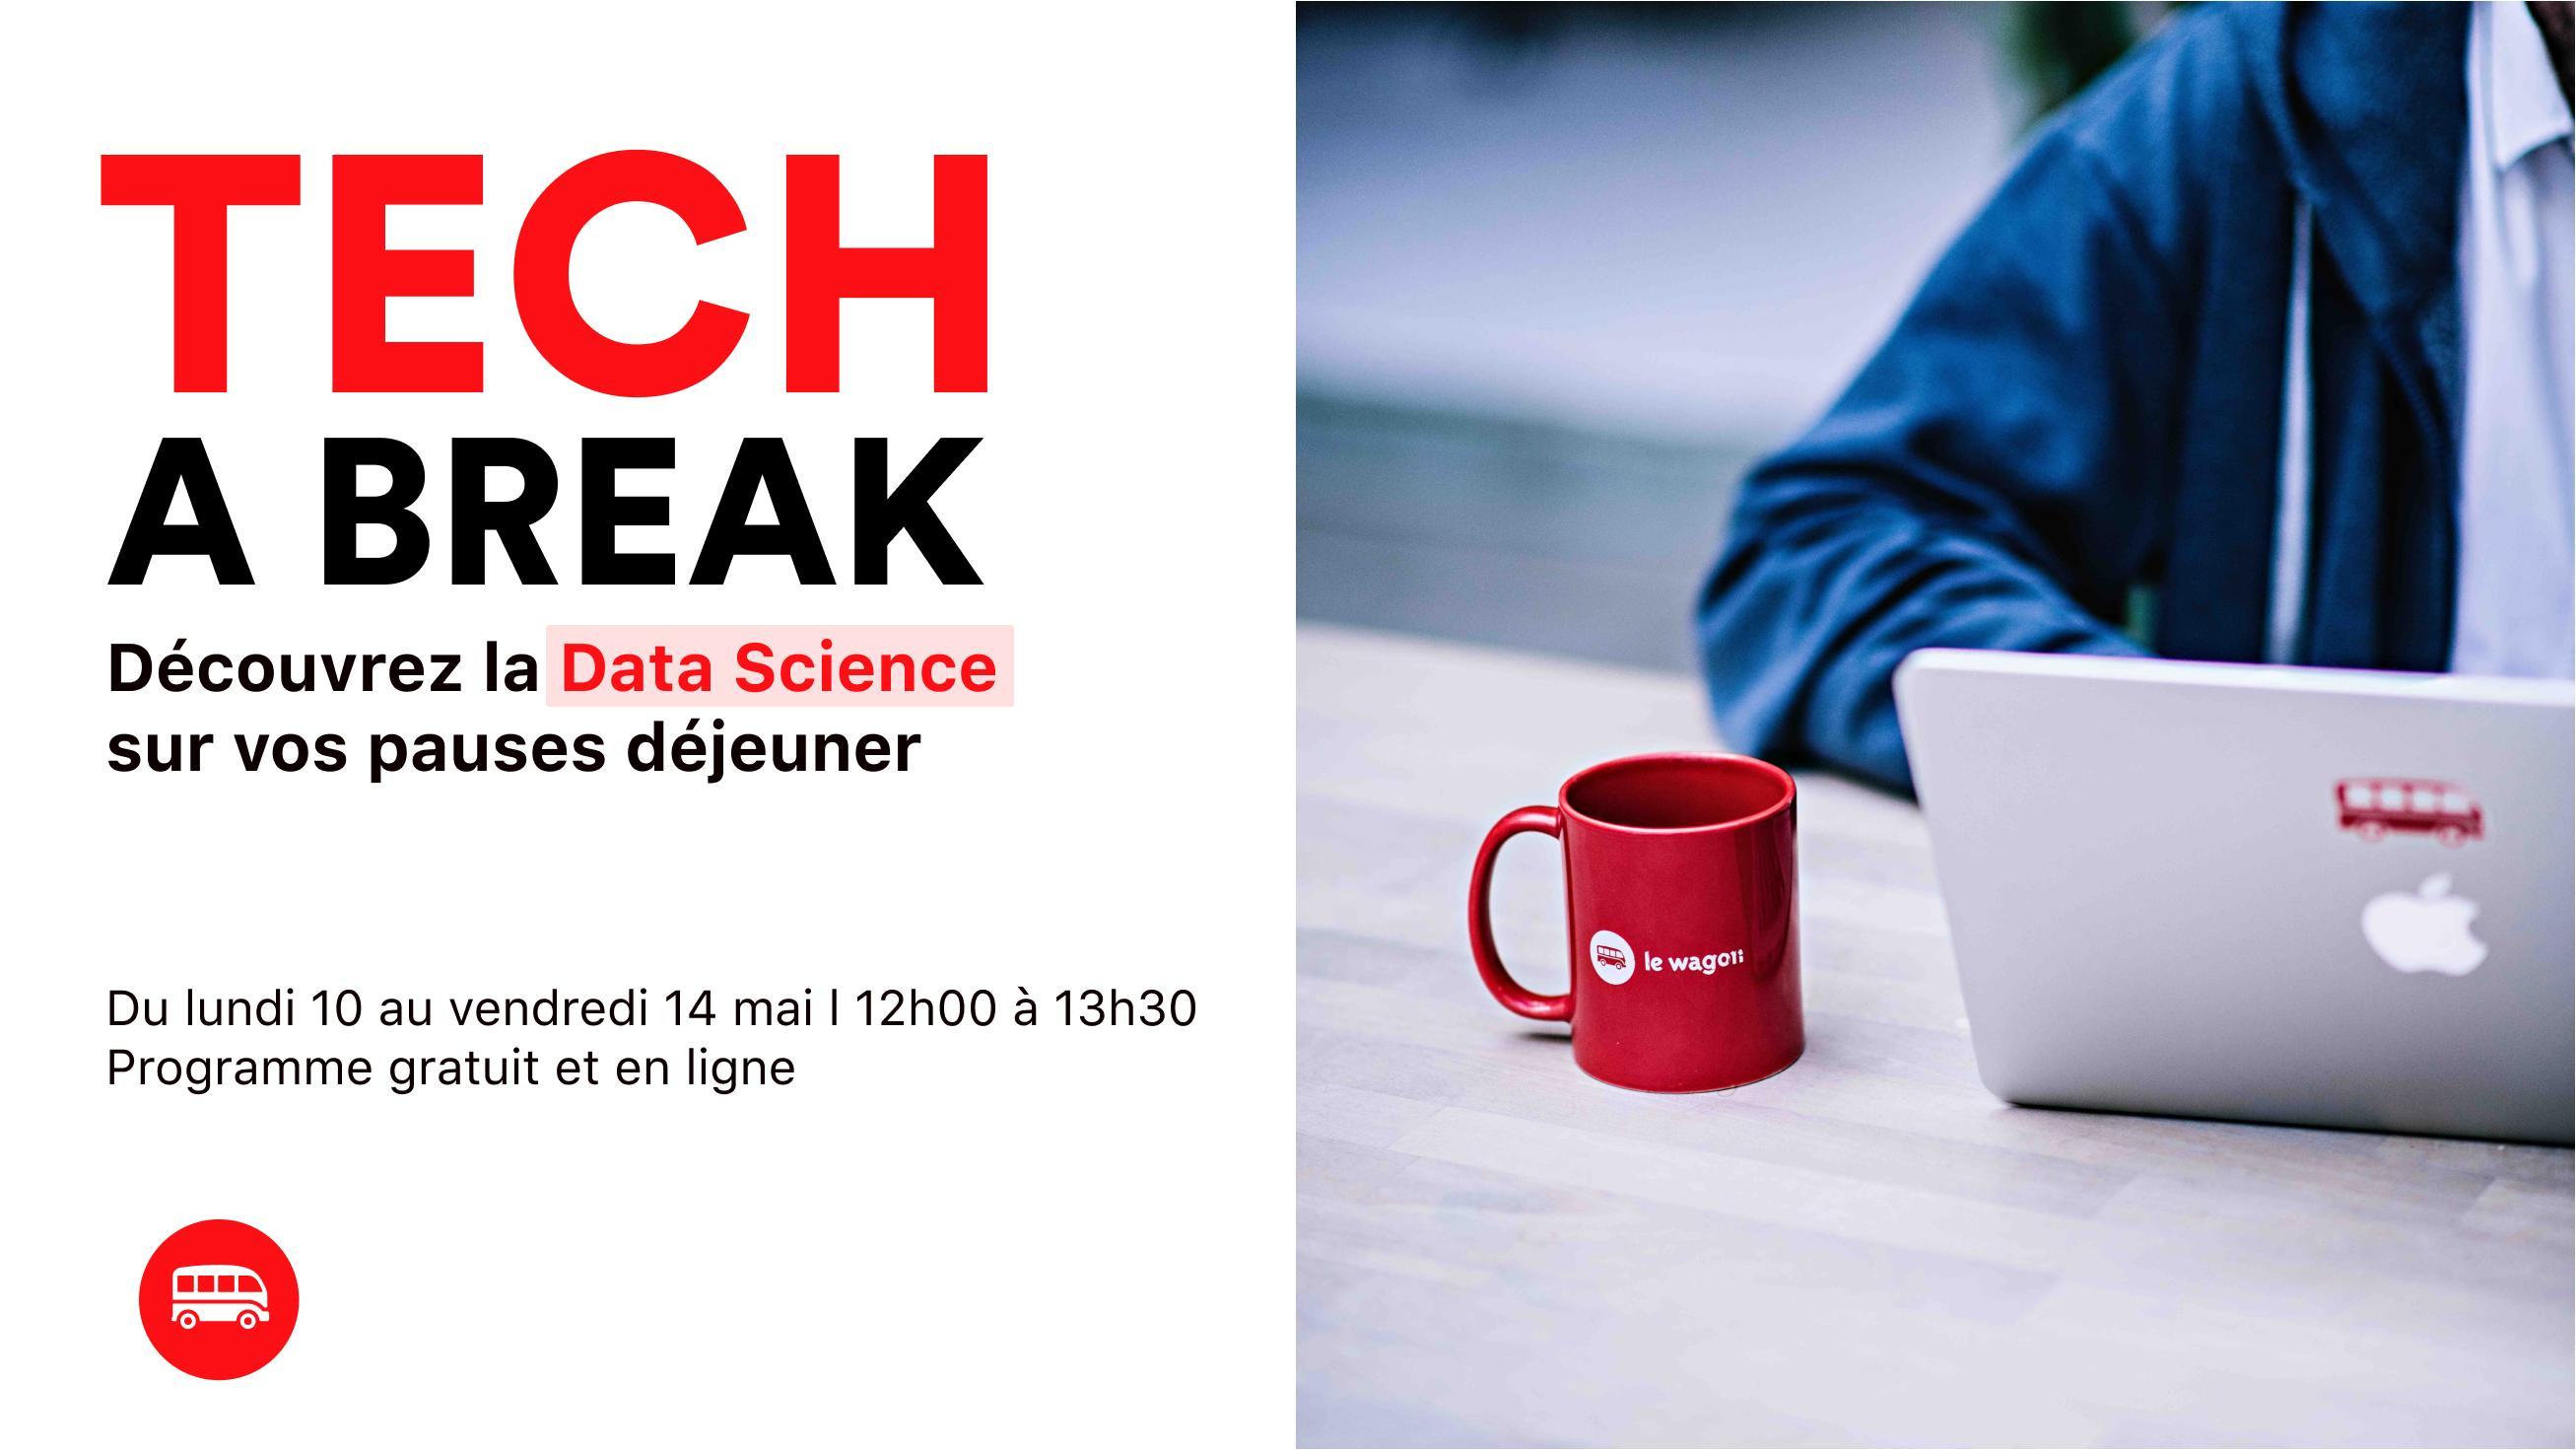 Tech a break – Découvrez la Data Science sur vos pauses déjeuner